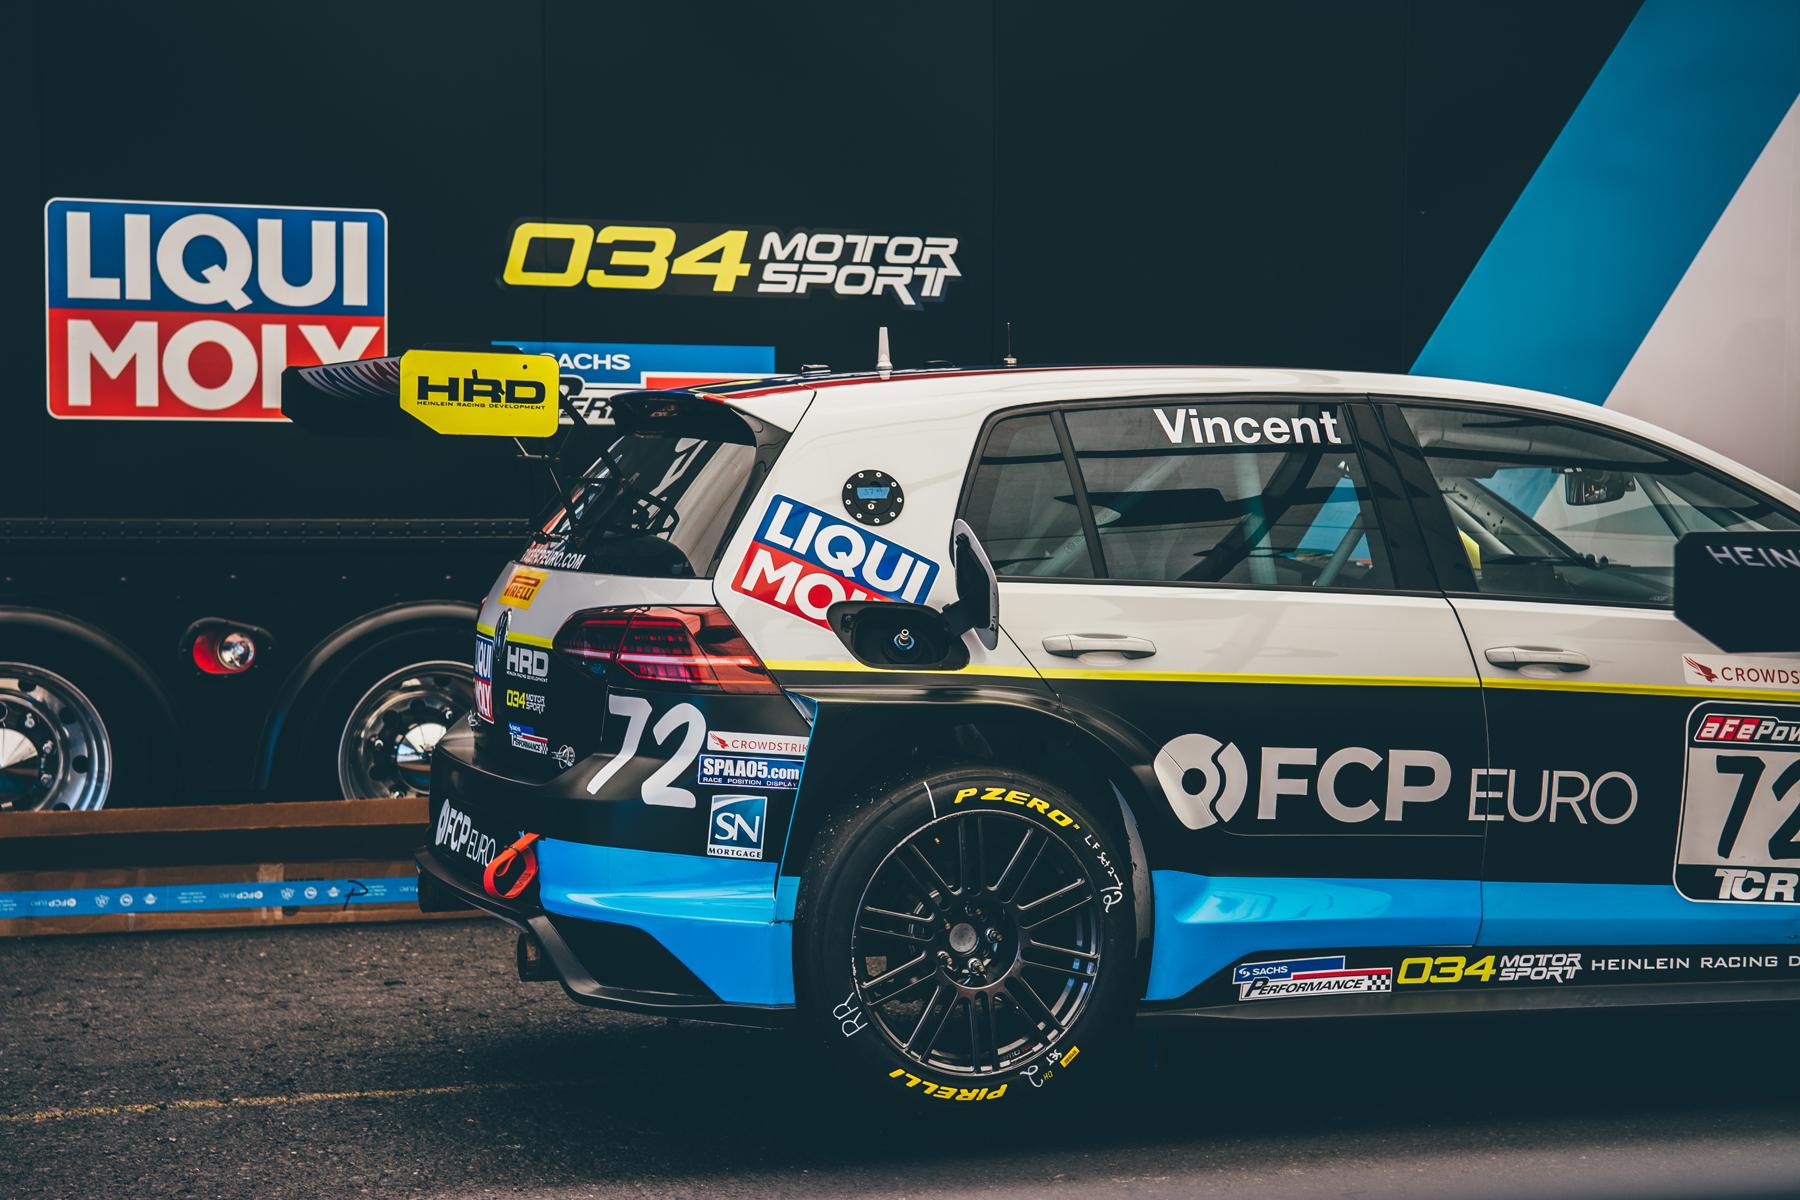 pirelli-world-challenge-pir-fcp-euro-mk7-volkswagen-gti-tcr-11.jpg